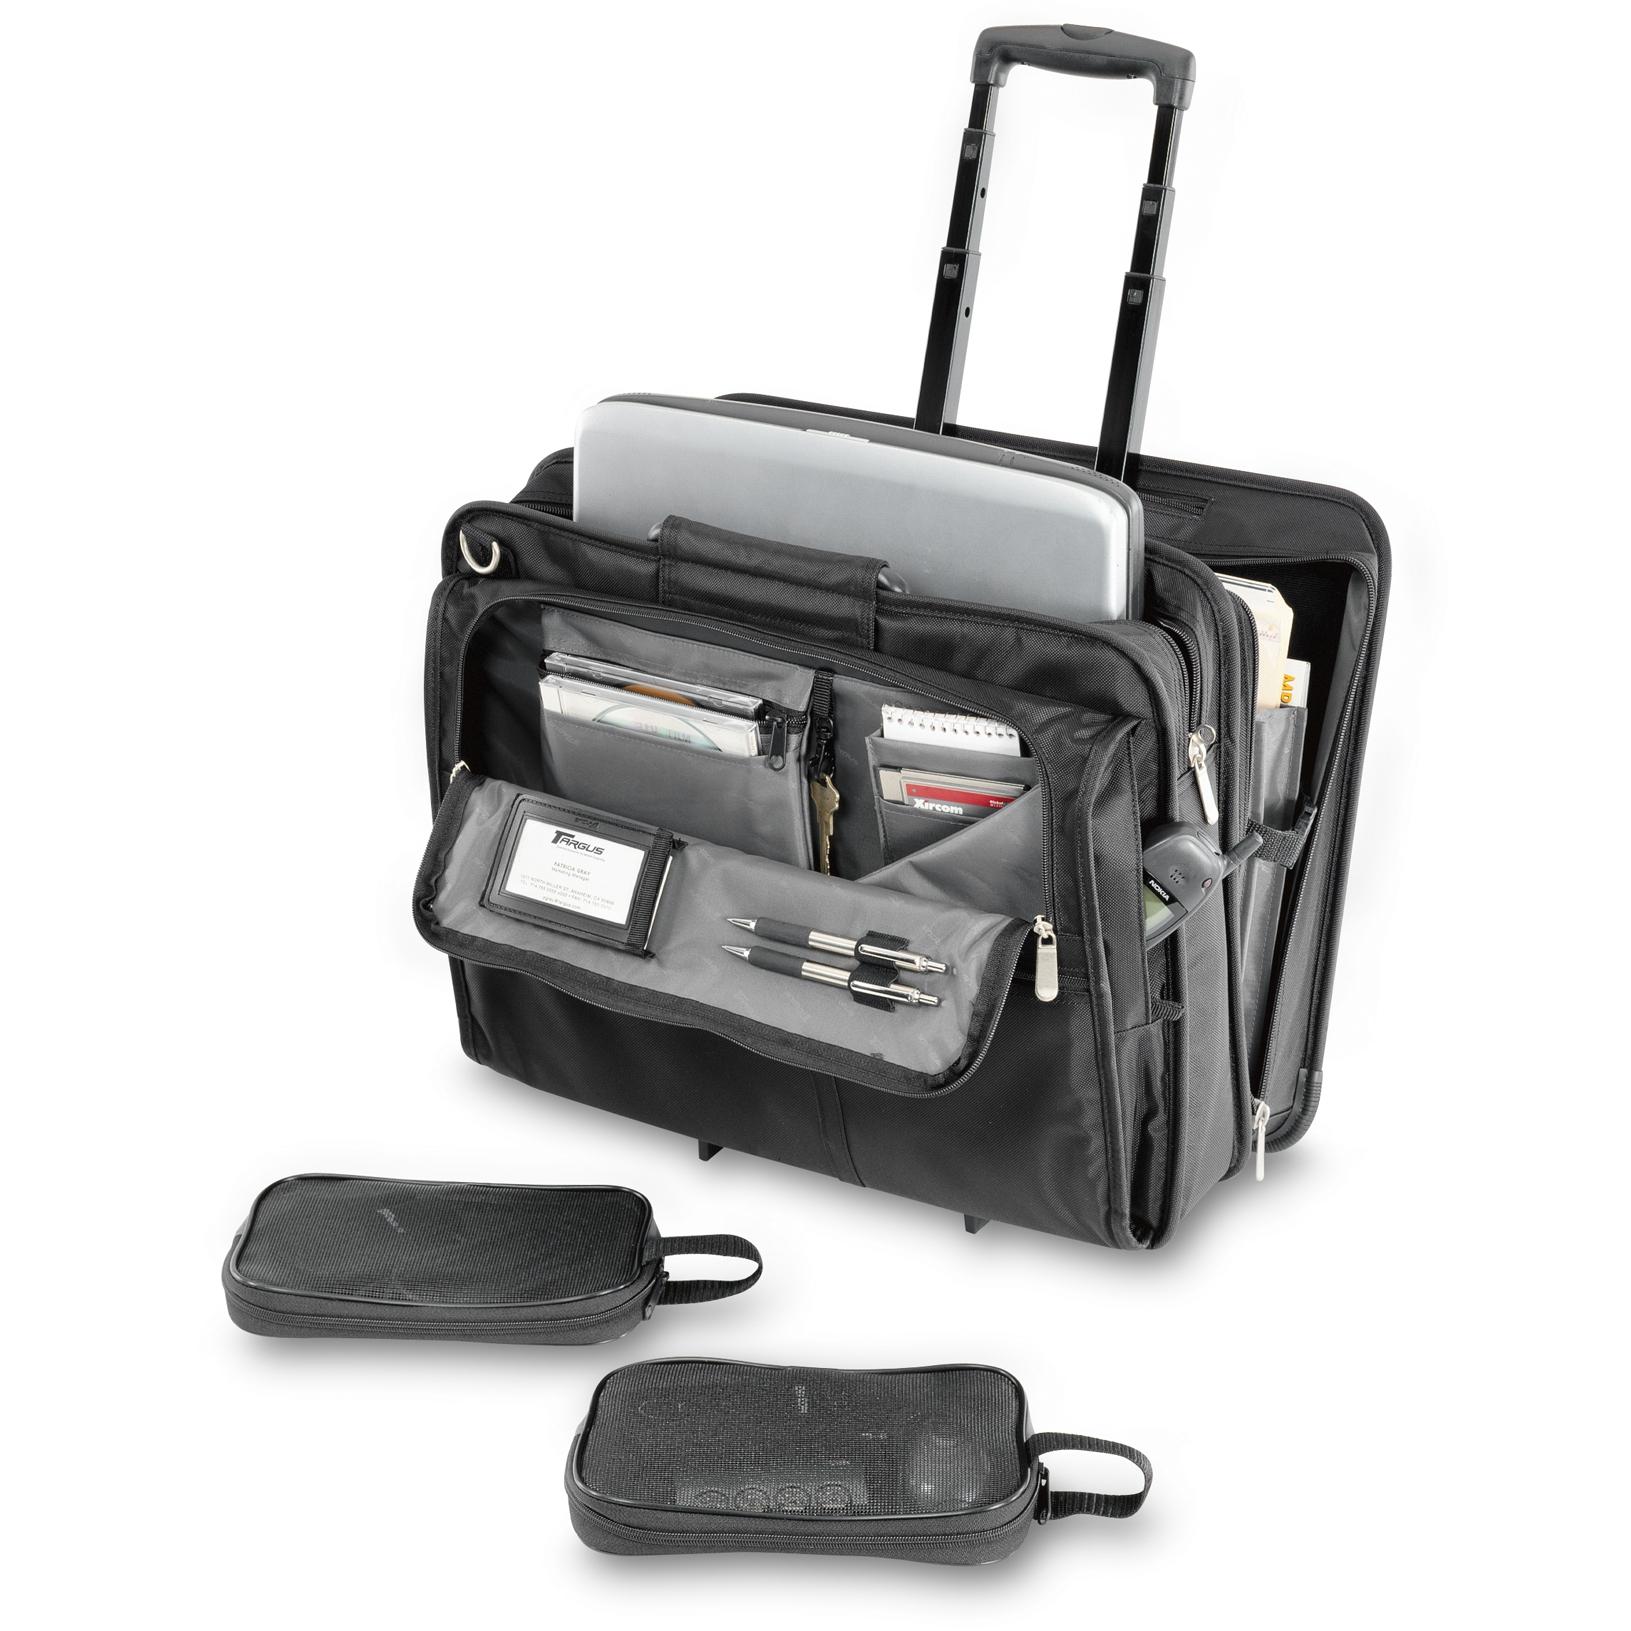 file briefcase photo - 1